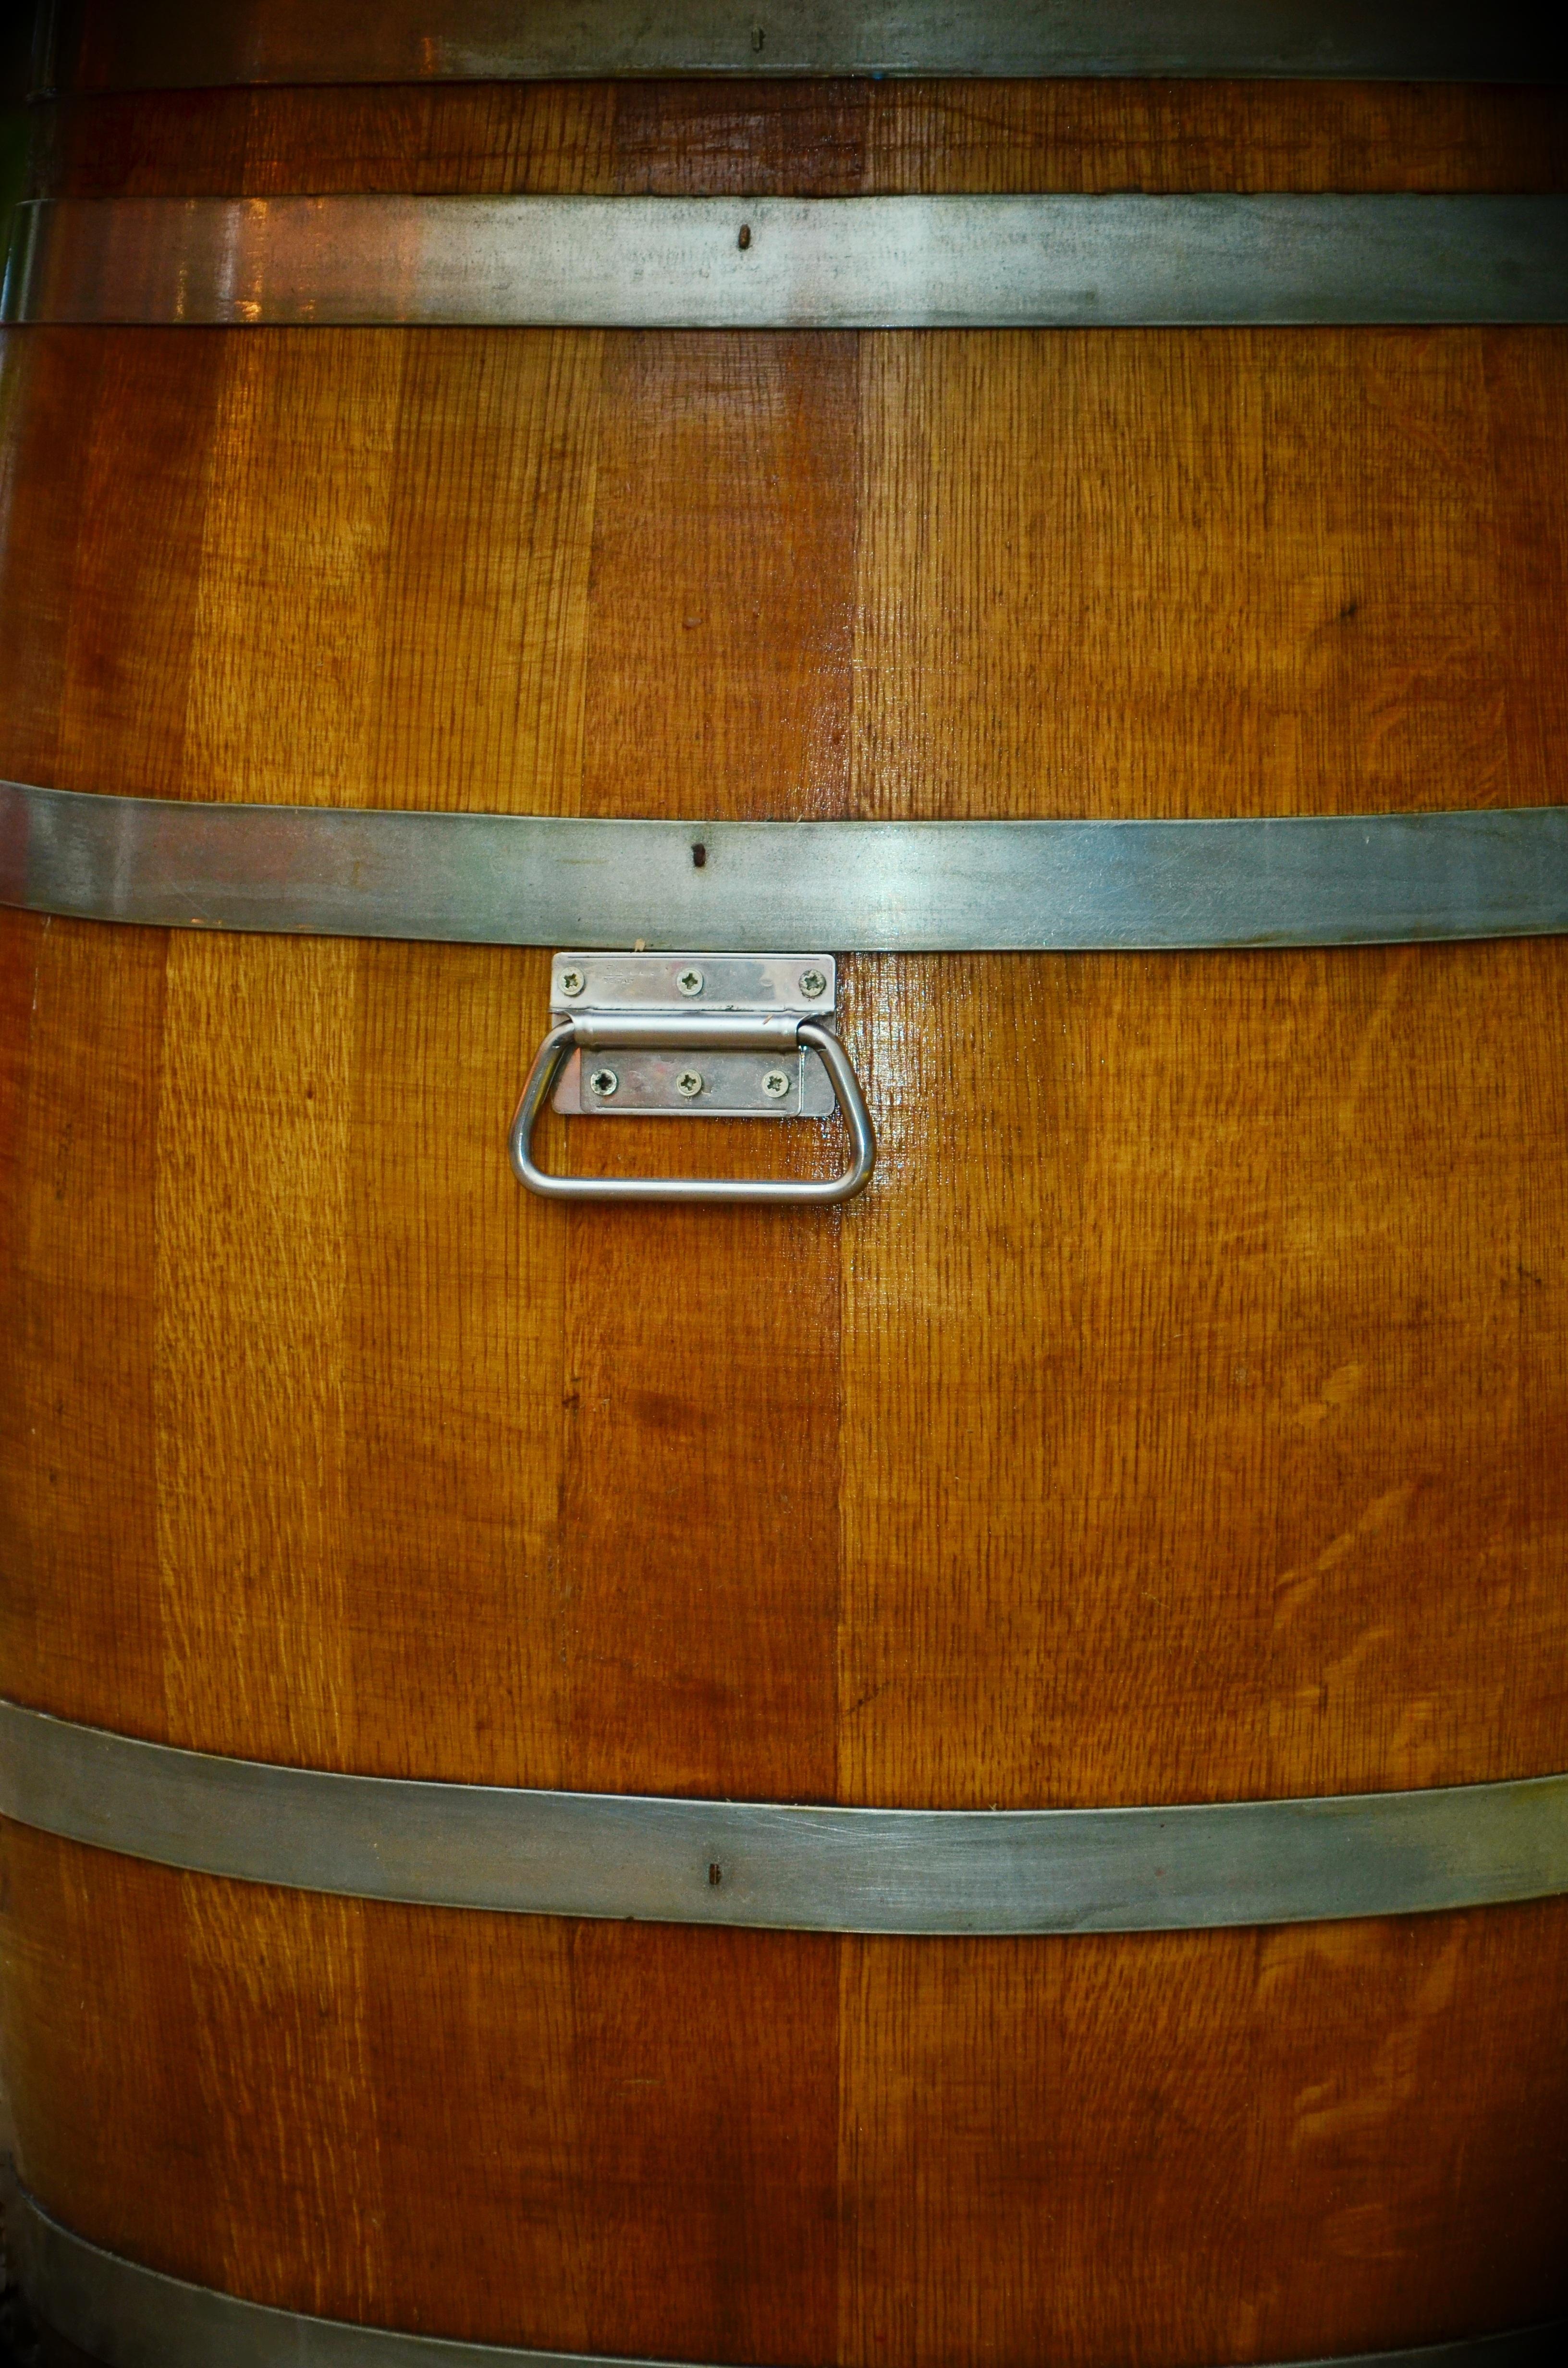 Meuble En Tonneau De Vin images gratuites : du vin, guitare, décoration, menu, marron